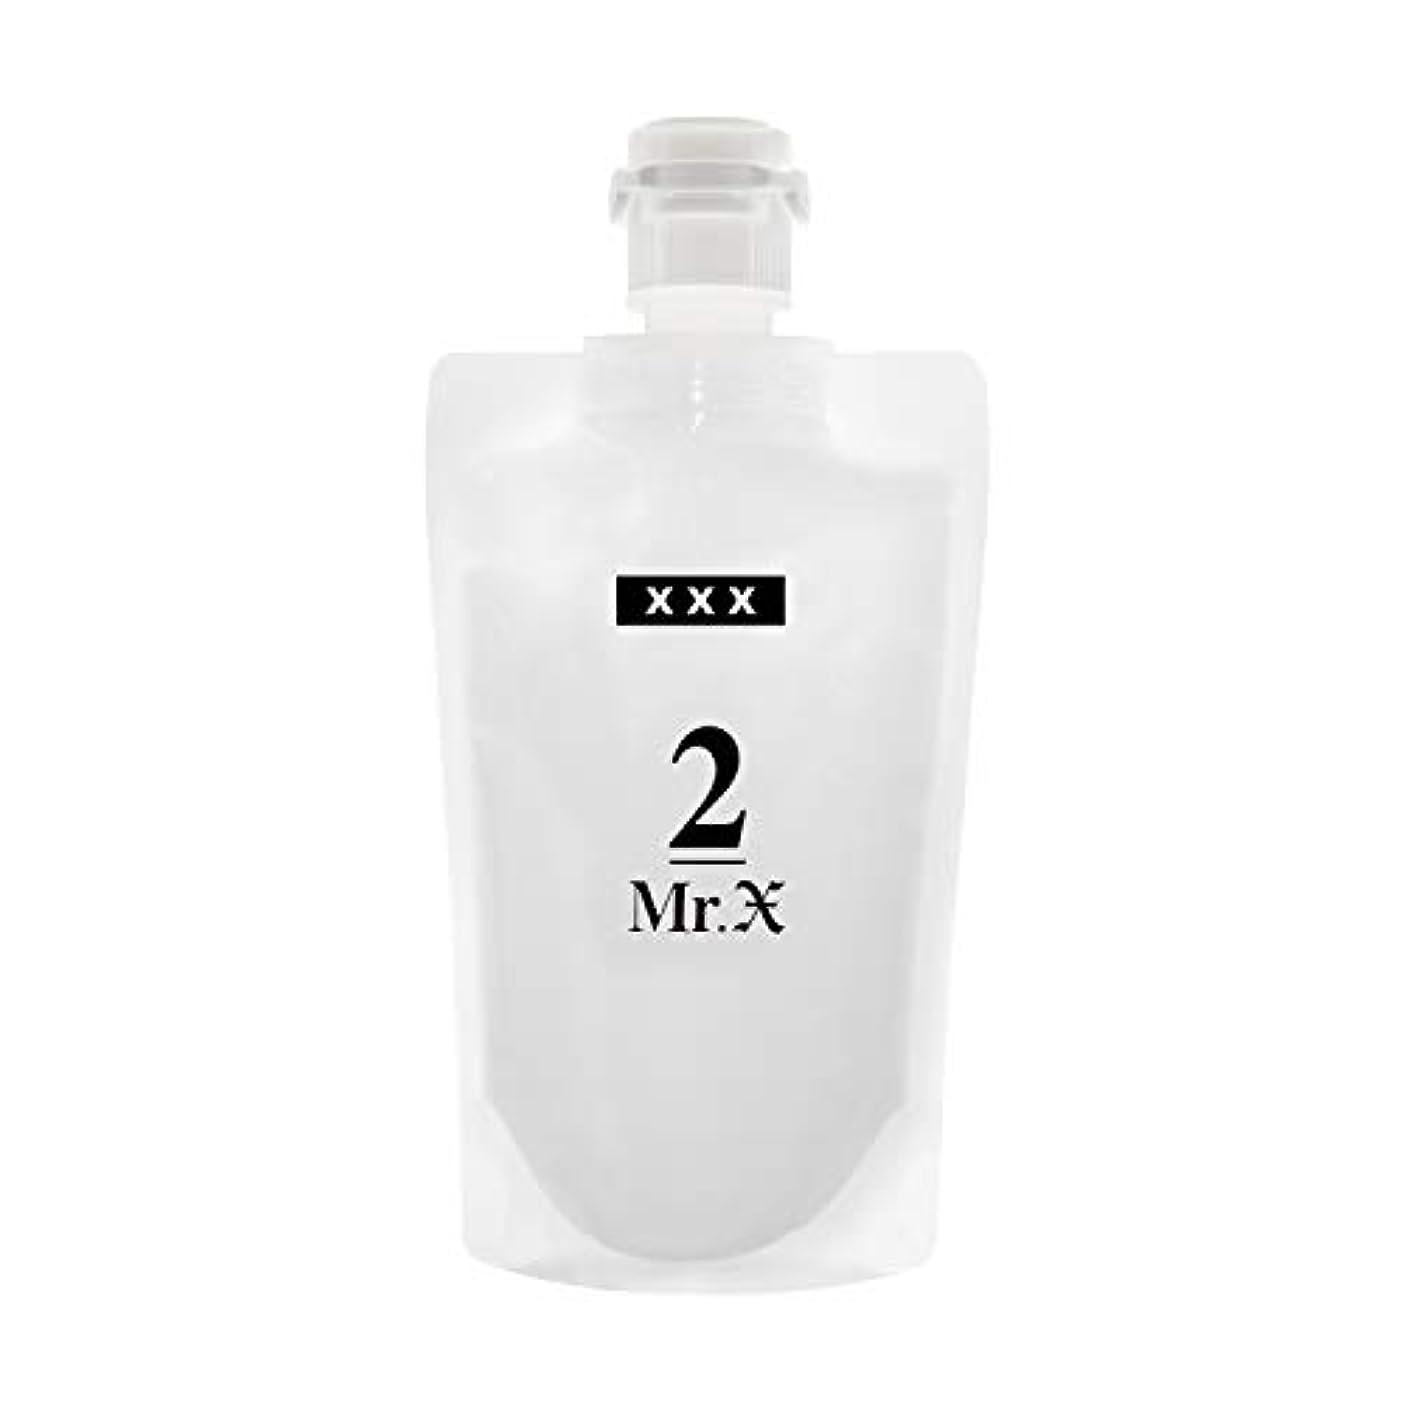 派生する貝殻安心させるMr.X 「2」MILKY LOTION ミスターエックス ミルキーローション (乳液) 130g メンズスキンケア